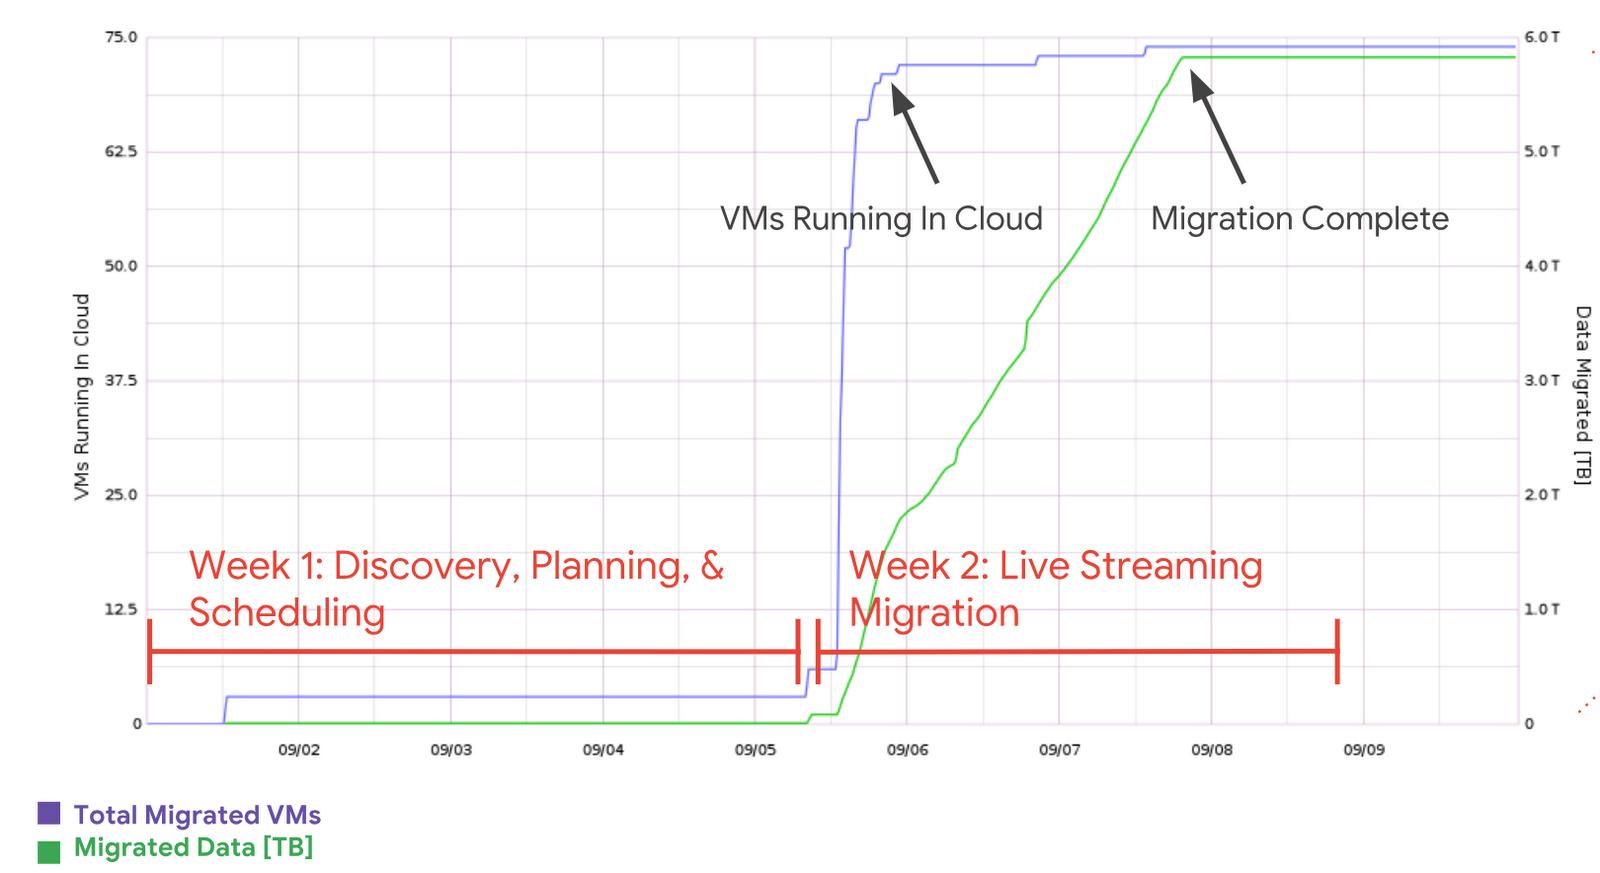 Sample Sprint Migration